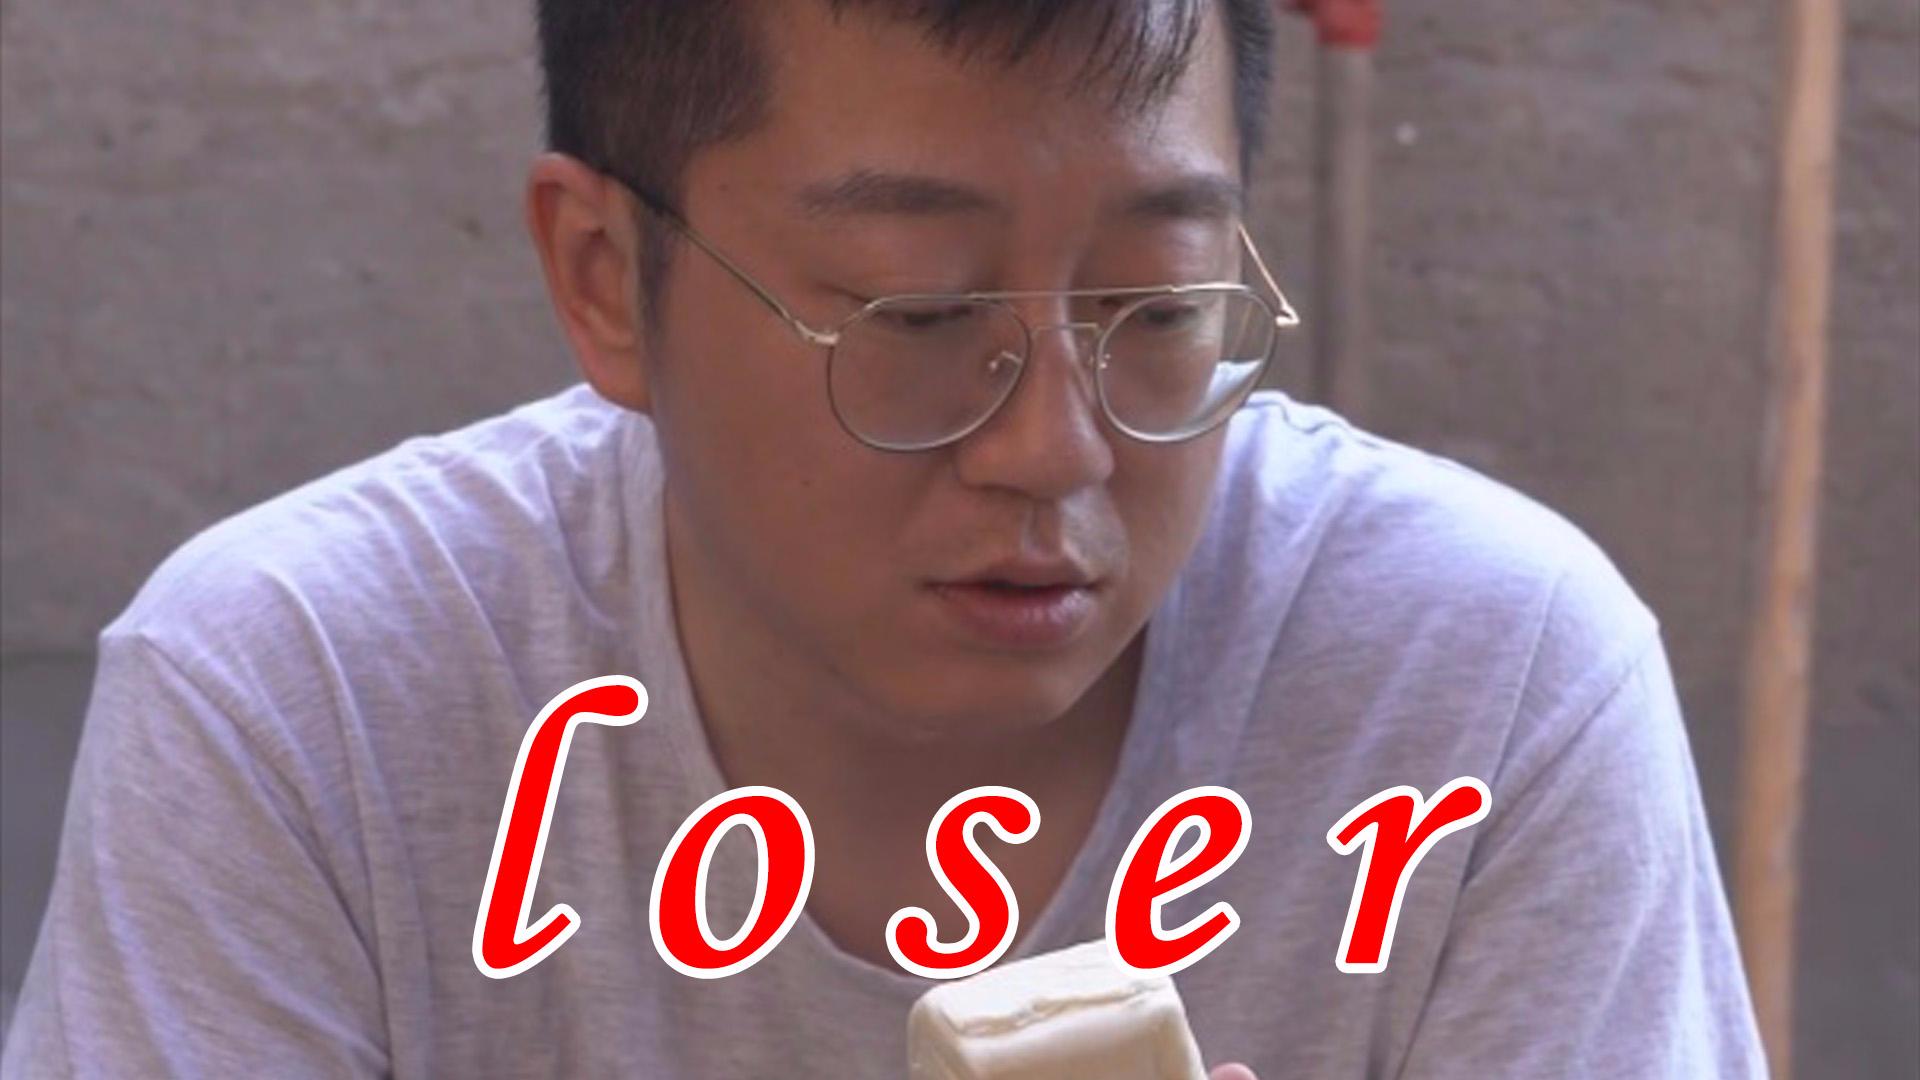 【朱一旦】LOSER